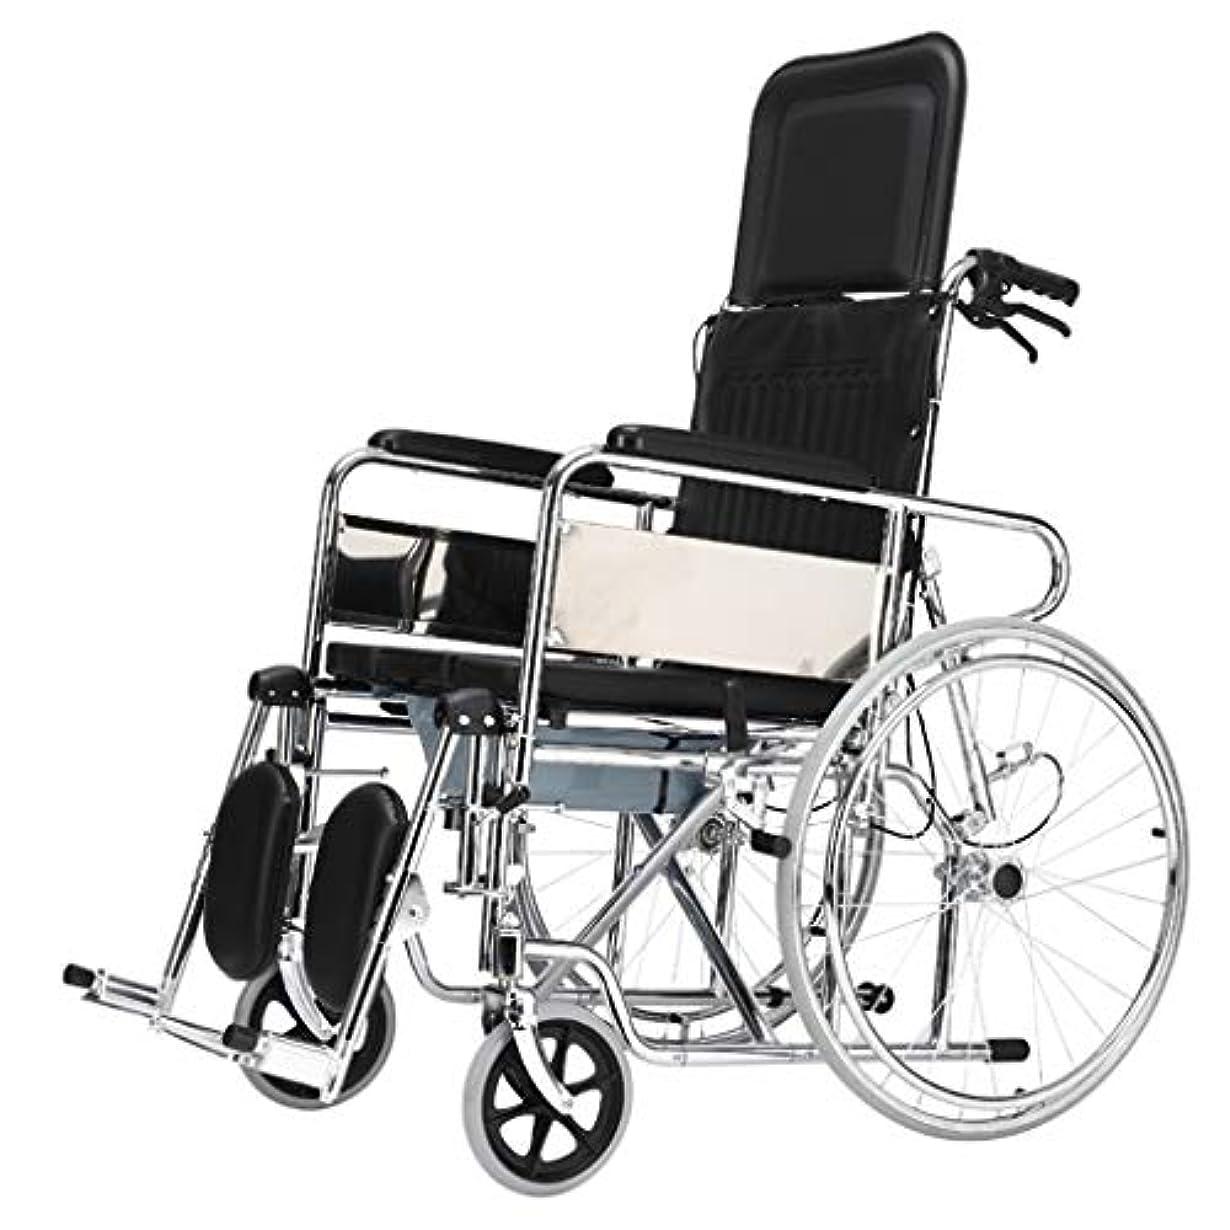 公使館付録民間人車椅子トロリー屋外旅行パートナー、多機能フルレイ/セミライニングデザイン、高齢者障害者車椅子